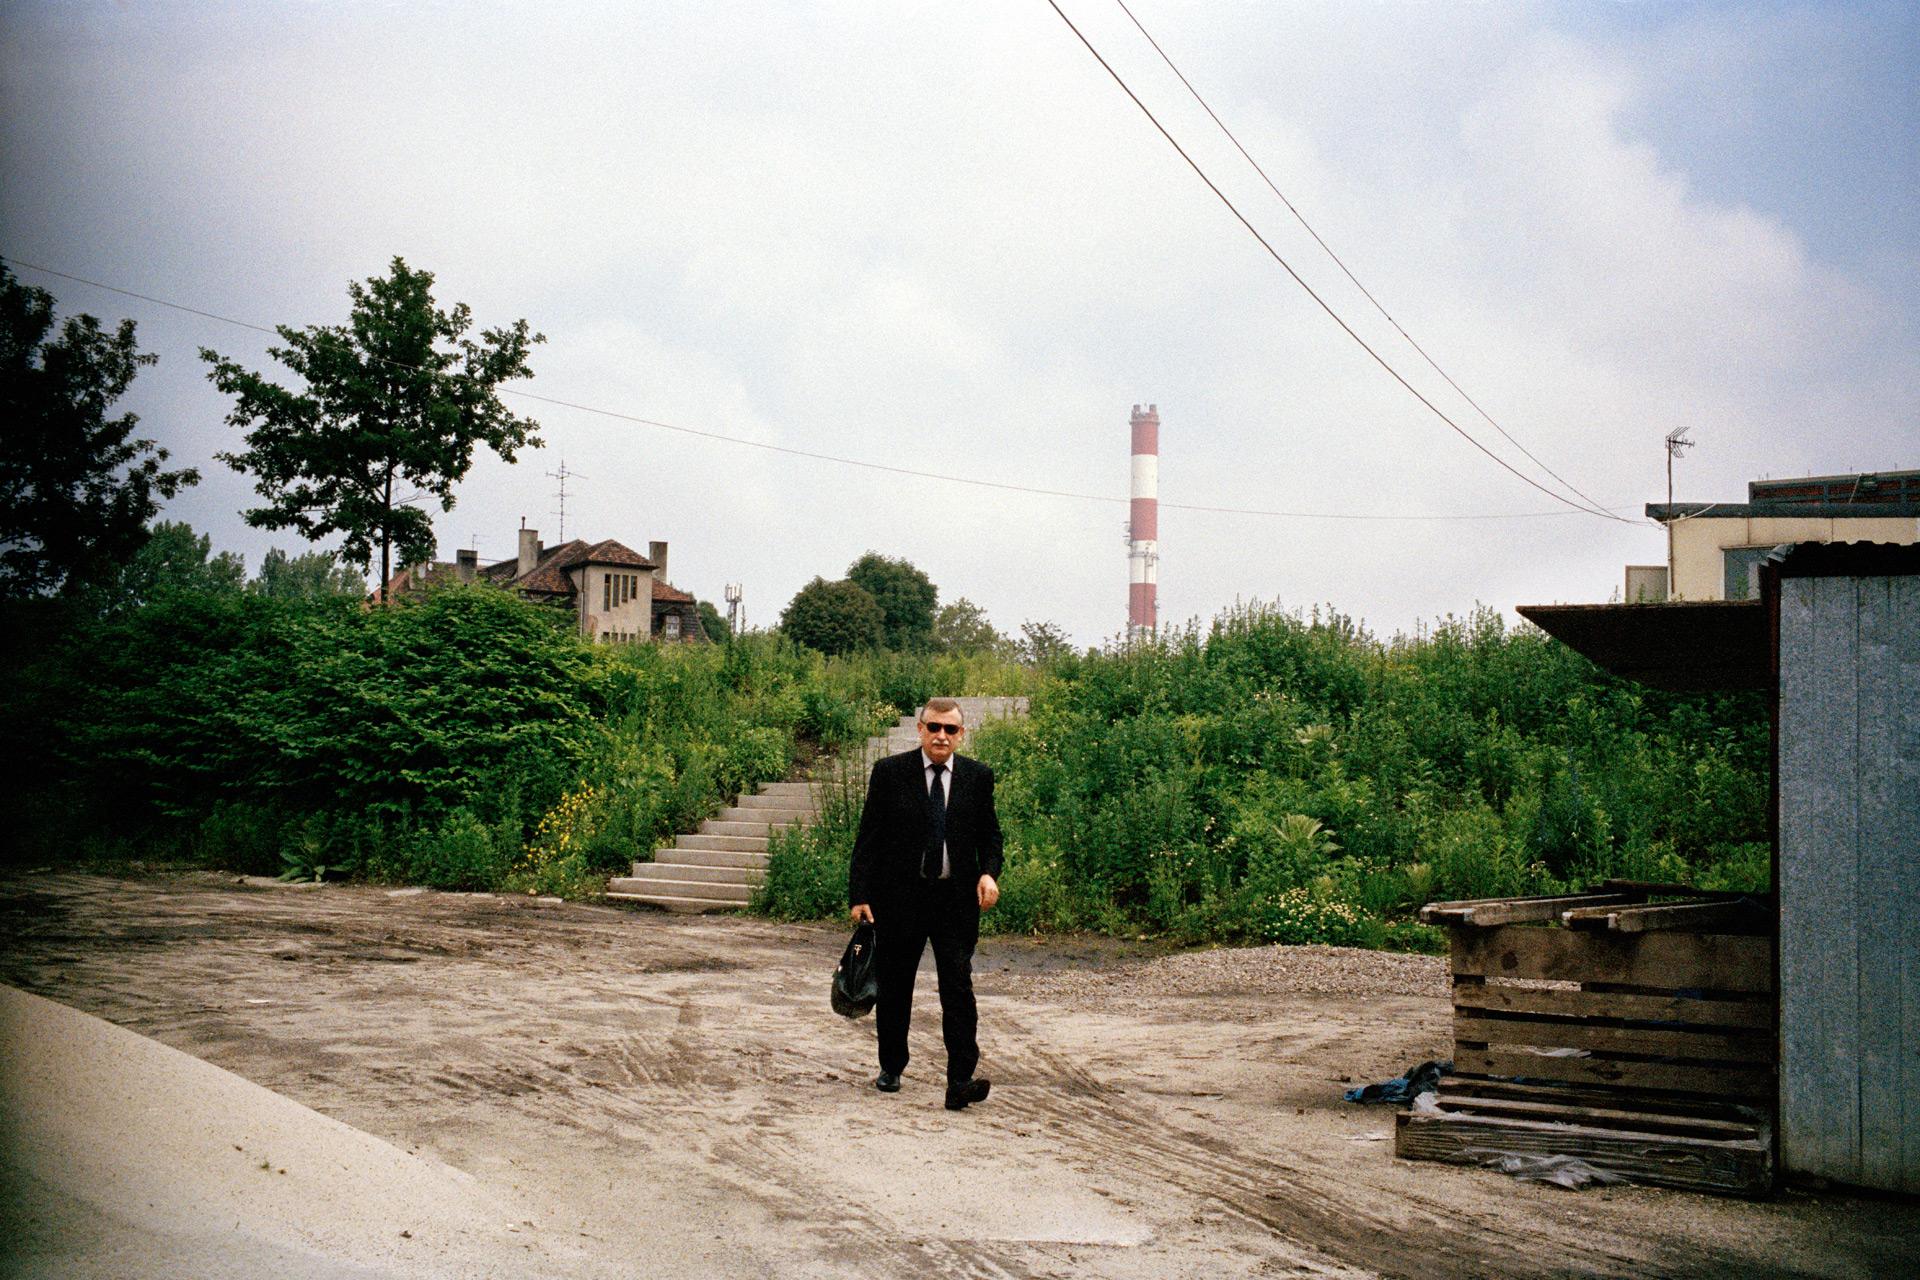 Luiza, mine de charbon désaffectée. Zabrze, agglomération de Katowice, Haute Silésie, Pologne. Juin 2013